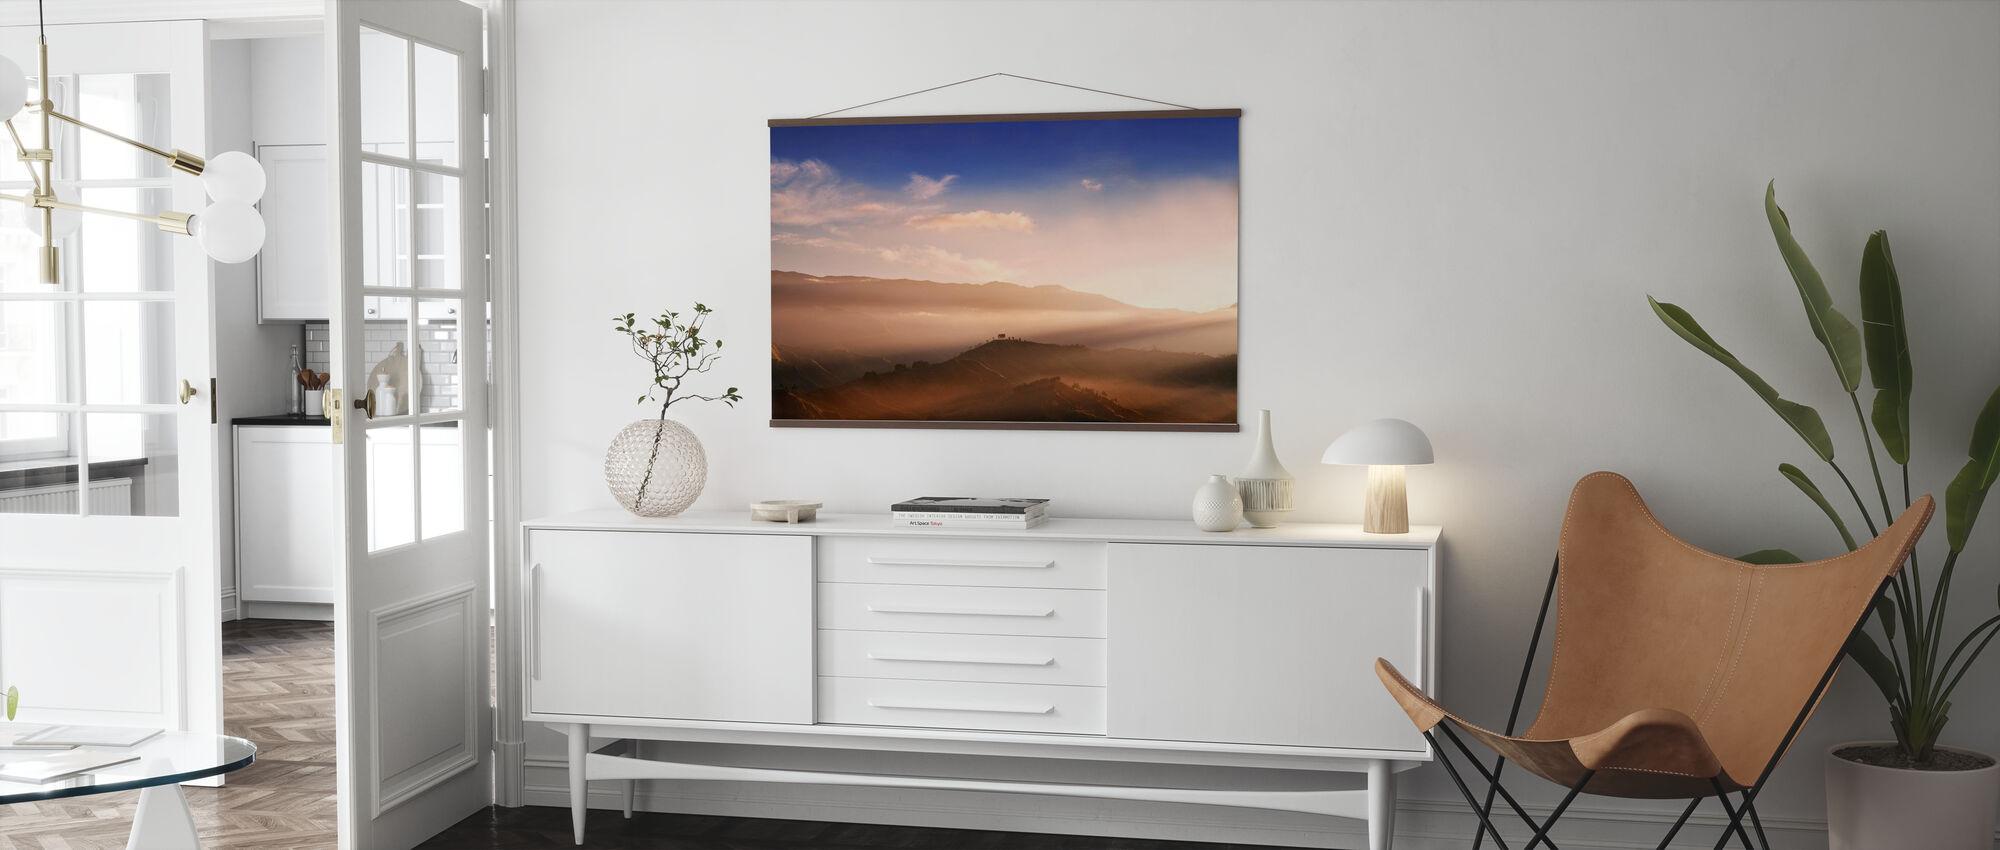 Sonnenaufgang auf Panimahawa Ridge II - Poster - Wohnzimmer